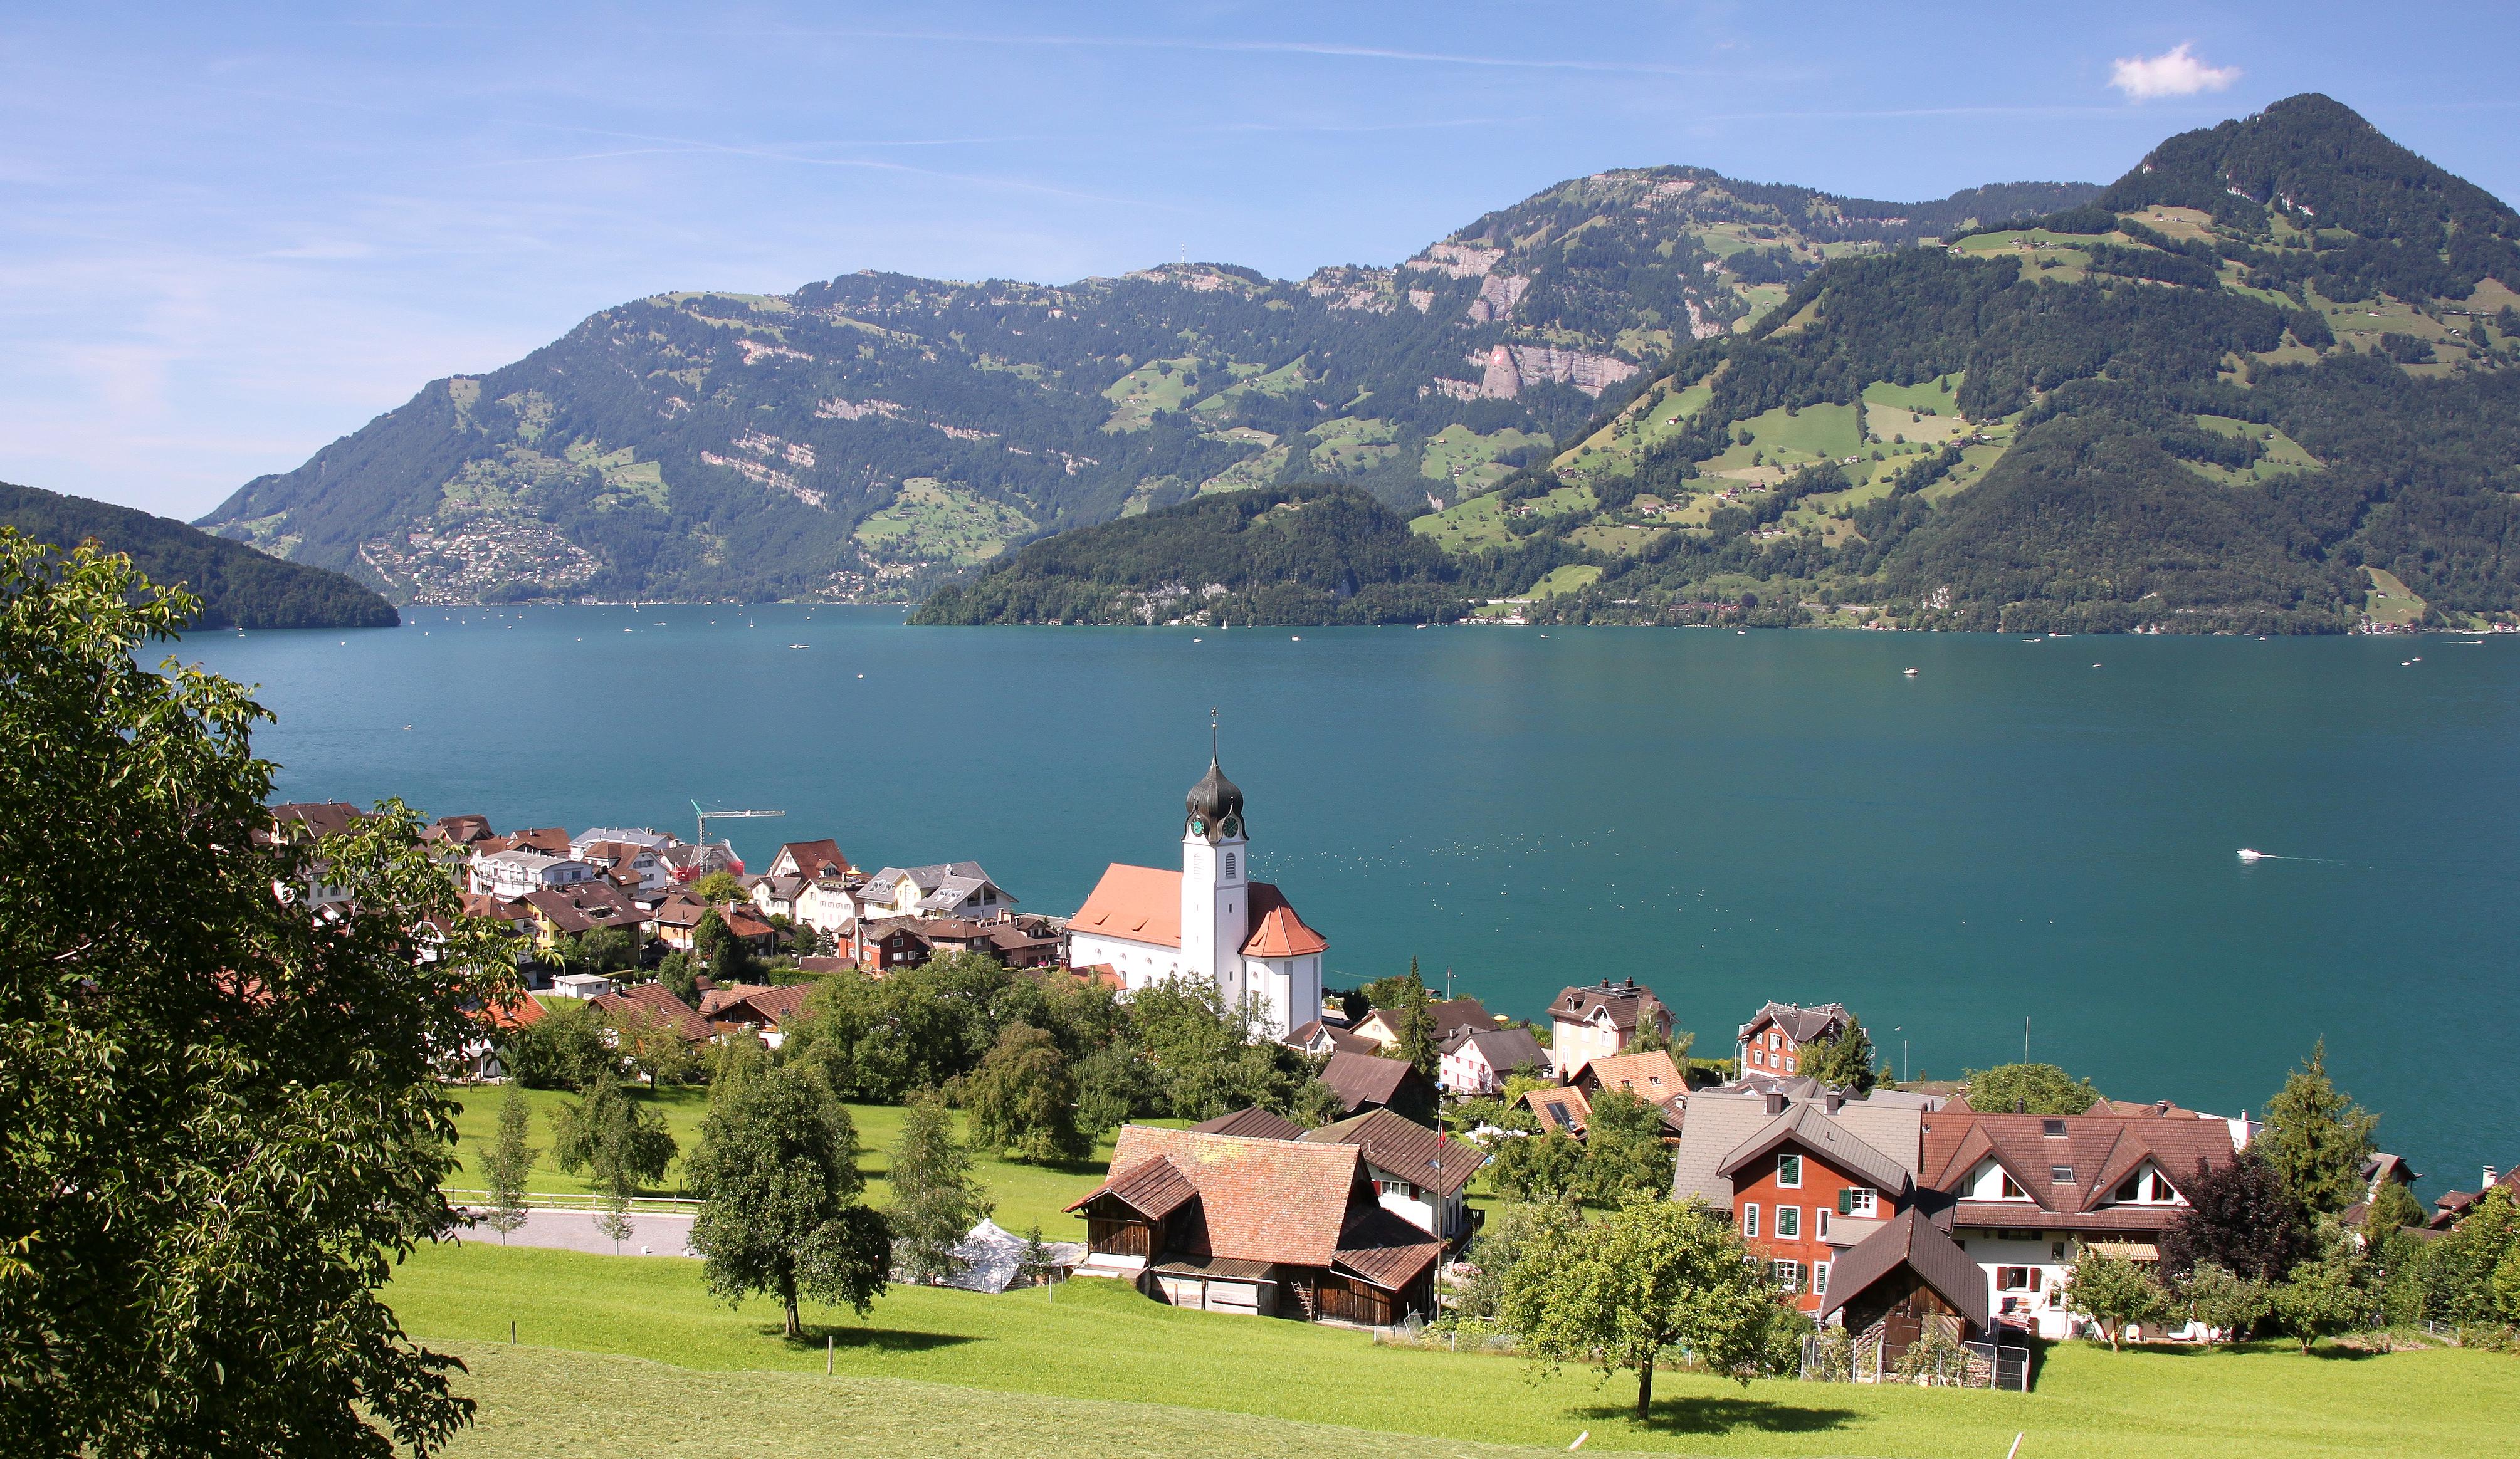 Beckenried Switzerland  City pictures : Schweiz Vierwaldstättersee Beckenried 0236 Wikipedia ...